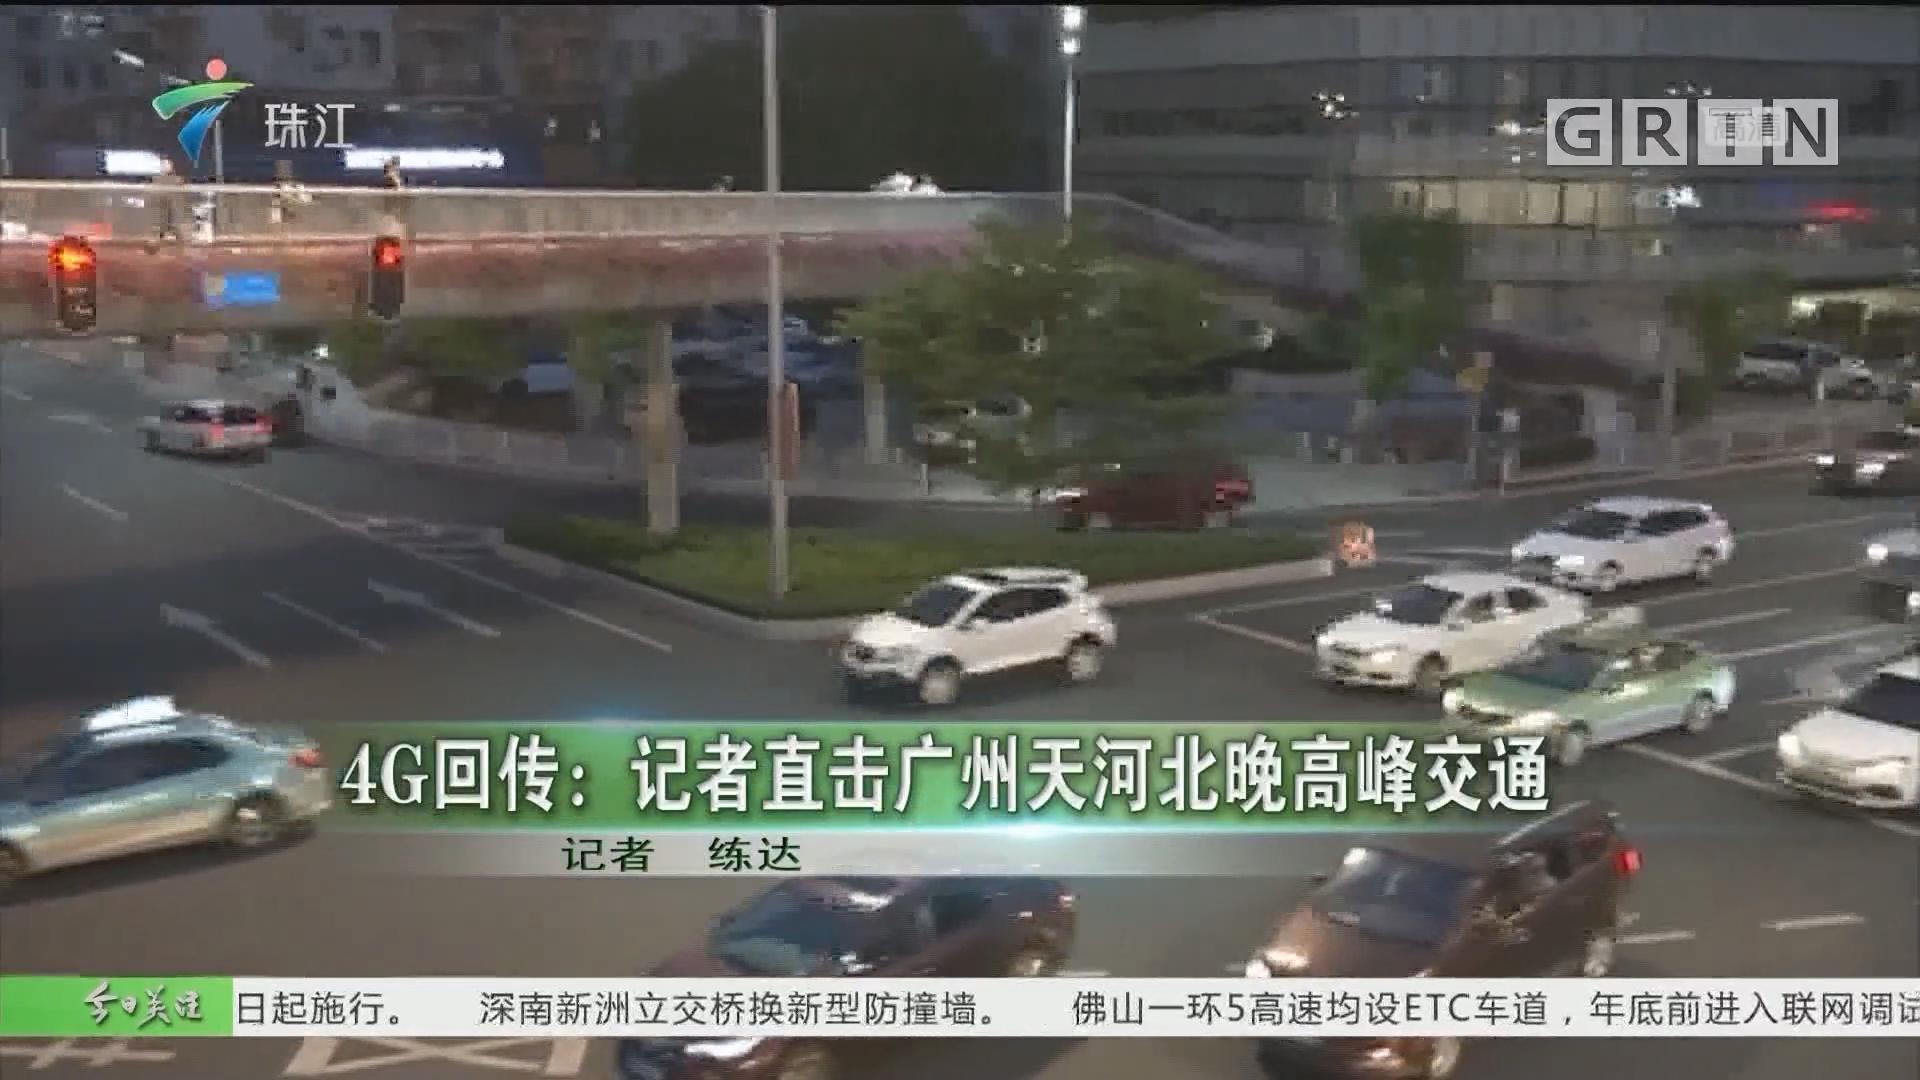 4G回传:记者直击广州天河北晚高峰交通